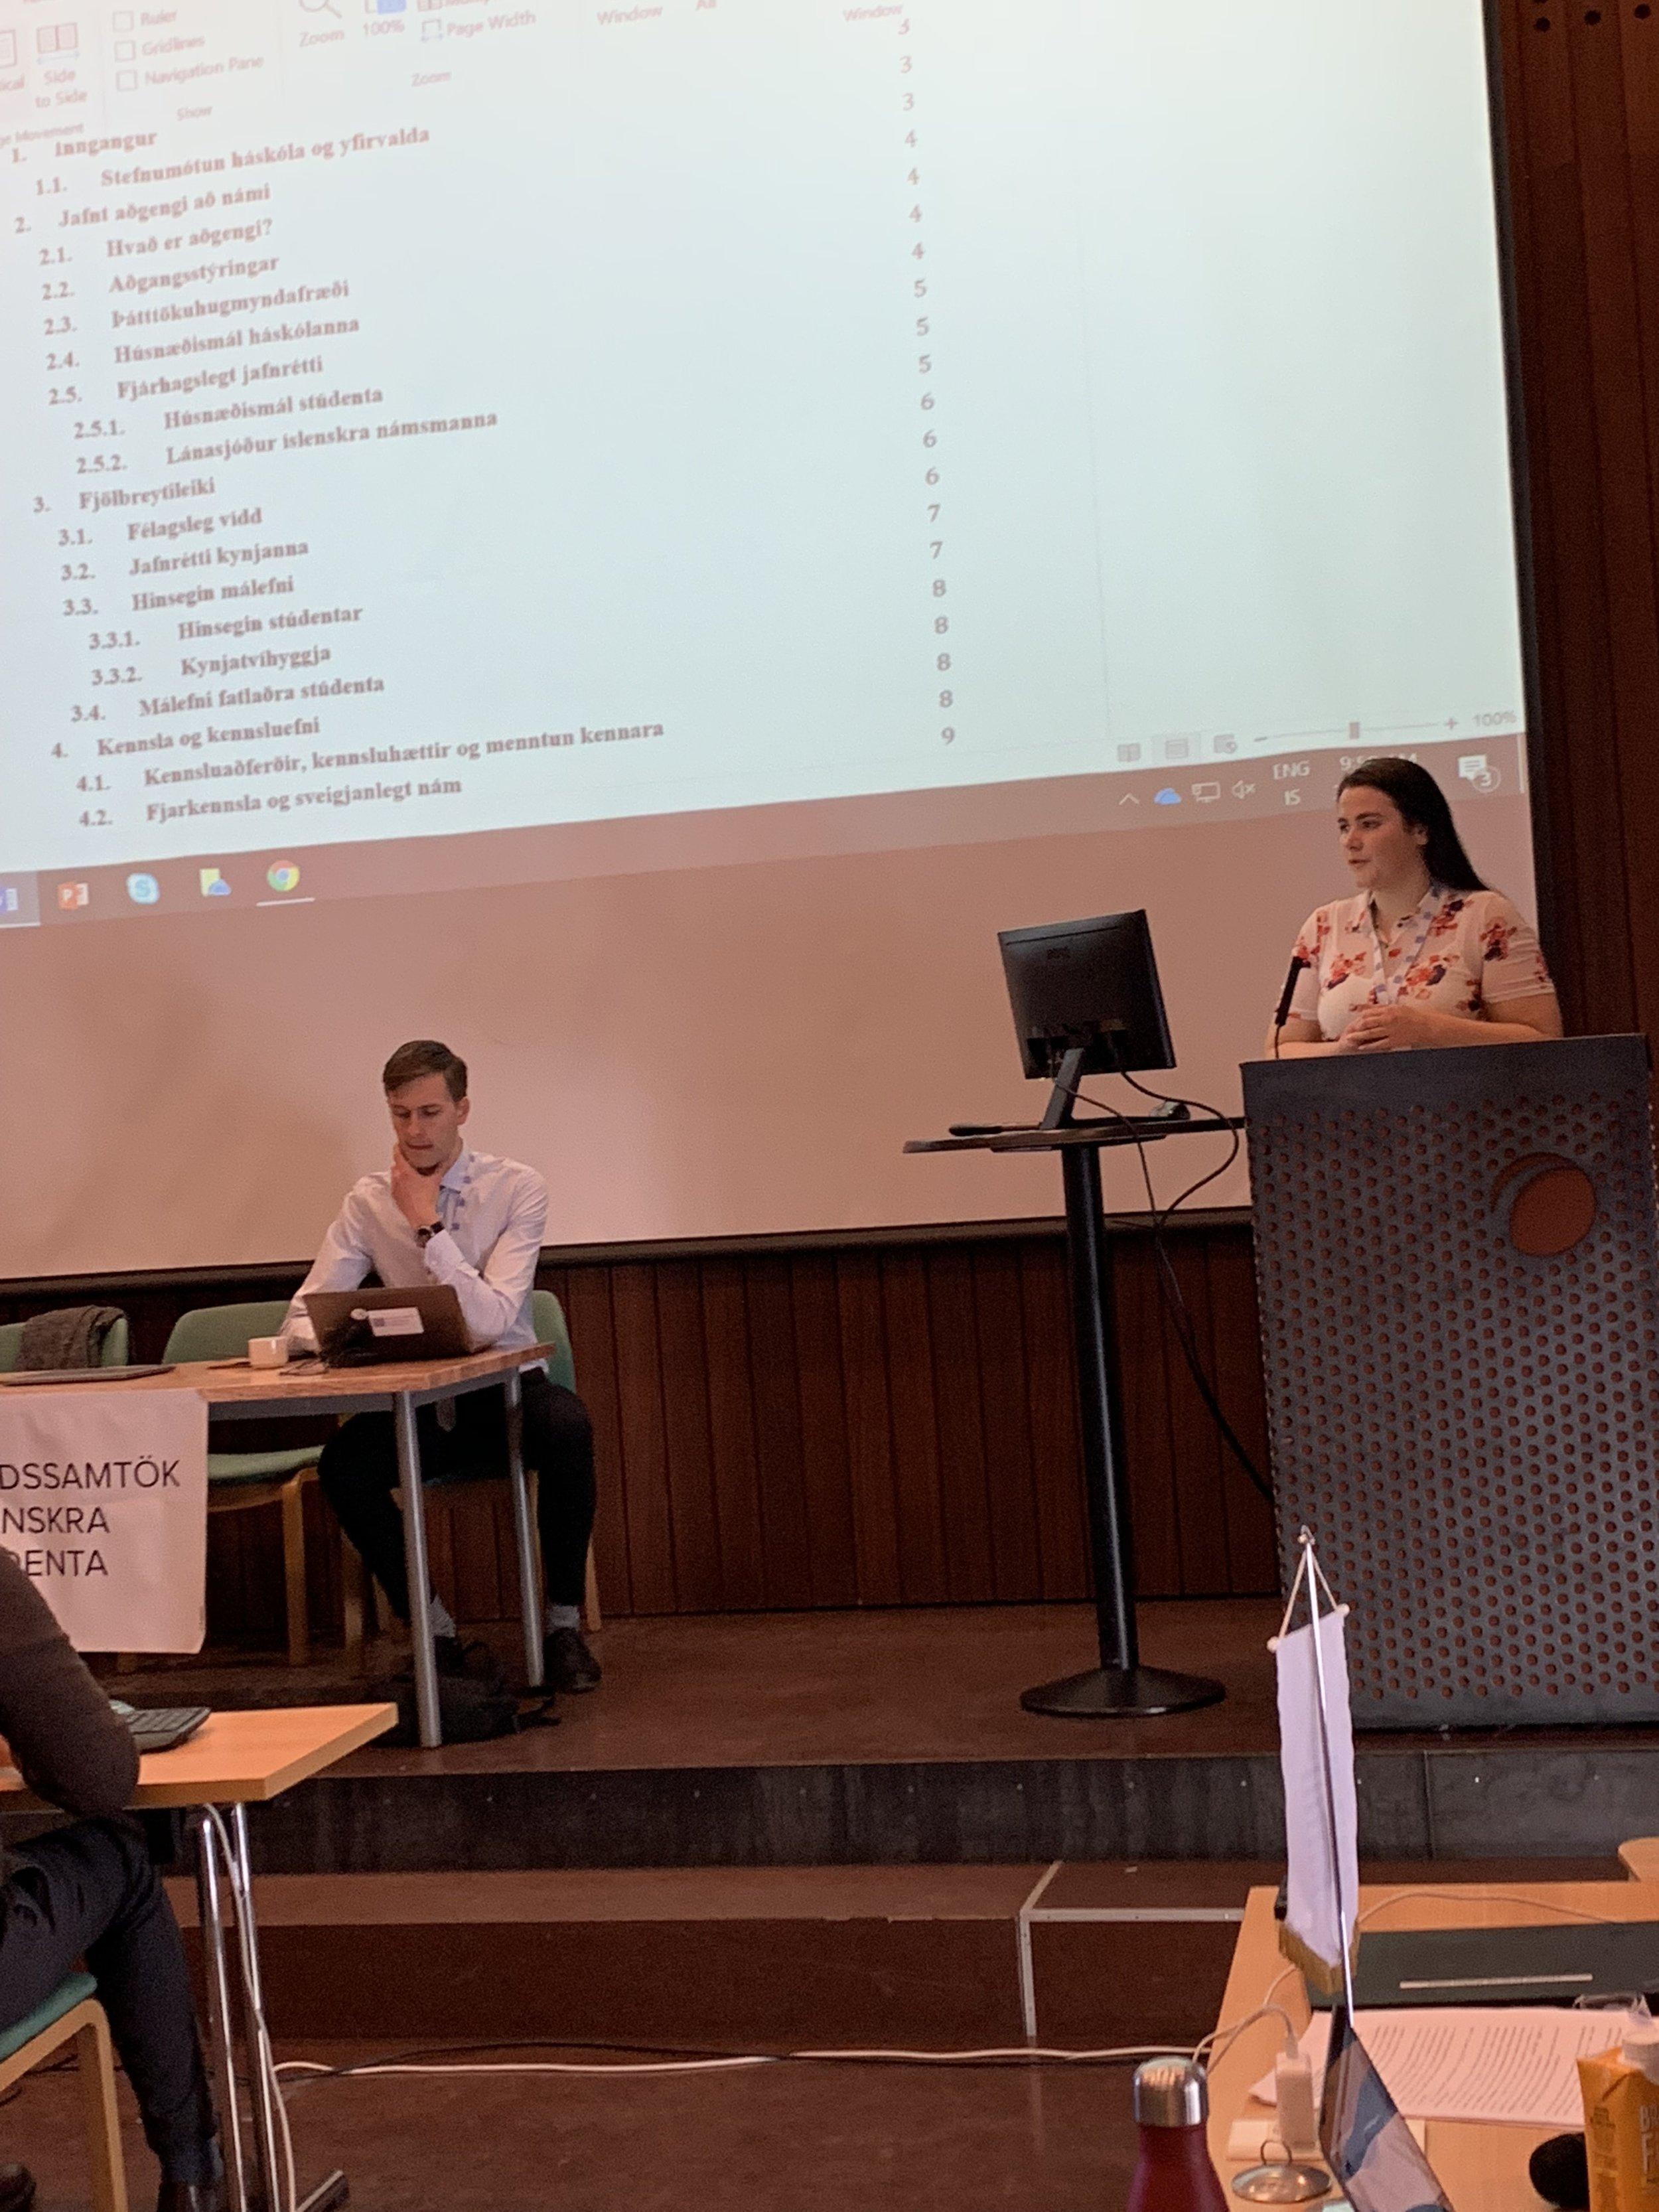 Sonja Björg Jóhannsdóttir, jafnréttisfulltrúi LÍS, kynnir stefnu samtakanna um jafnrétti í íslensku háskólasamfélagi.